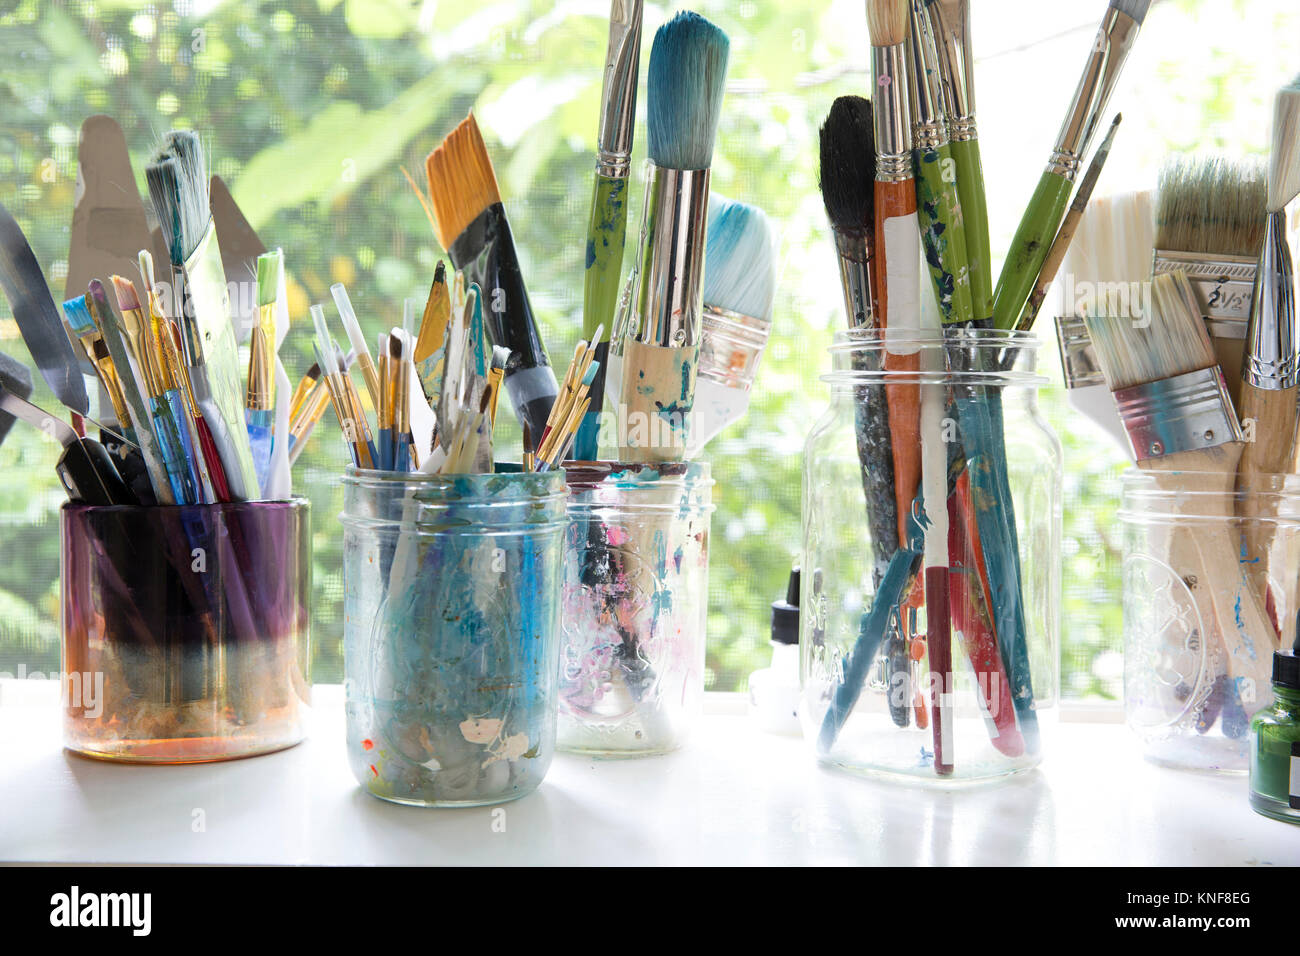 Fila di vasi con varietà di artista pennelli sul davanzale di artisti studio Foto Stock